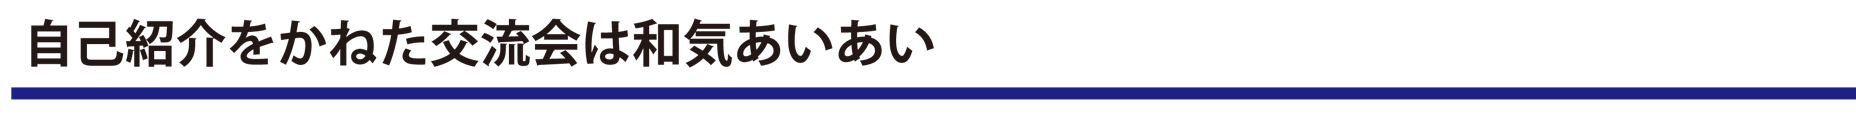 「東京オペラシティ「ヴィジュアル・オルガンコンサート」鑑賞&ランチ交流会」レポート